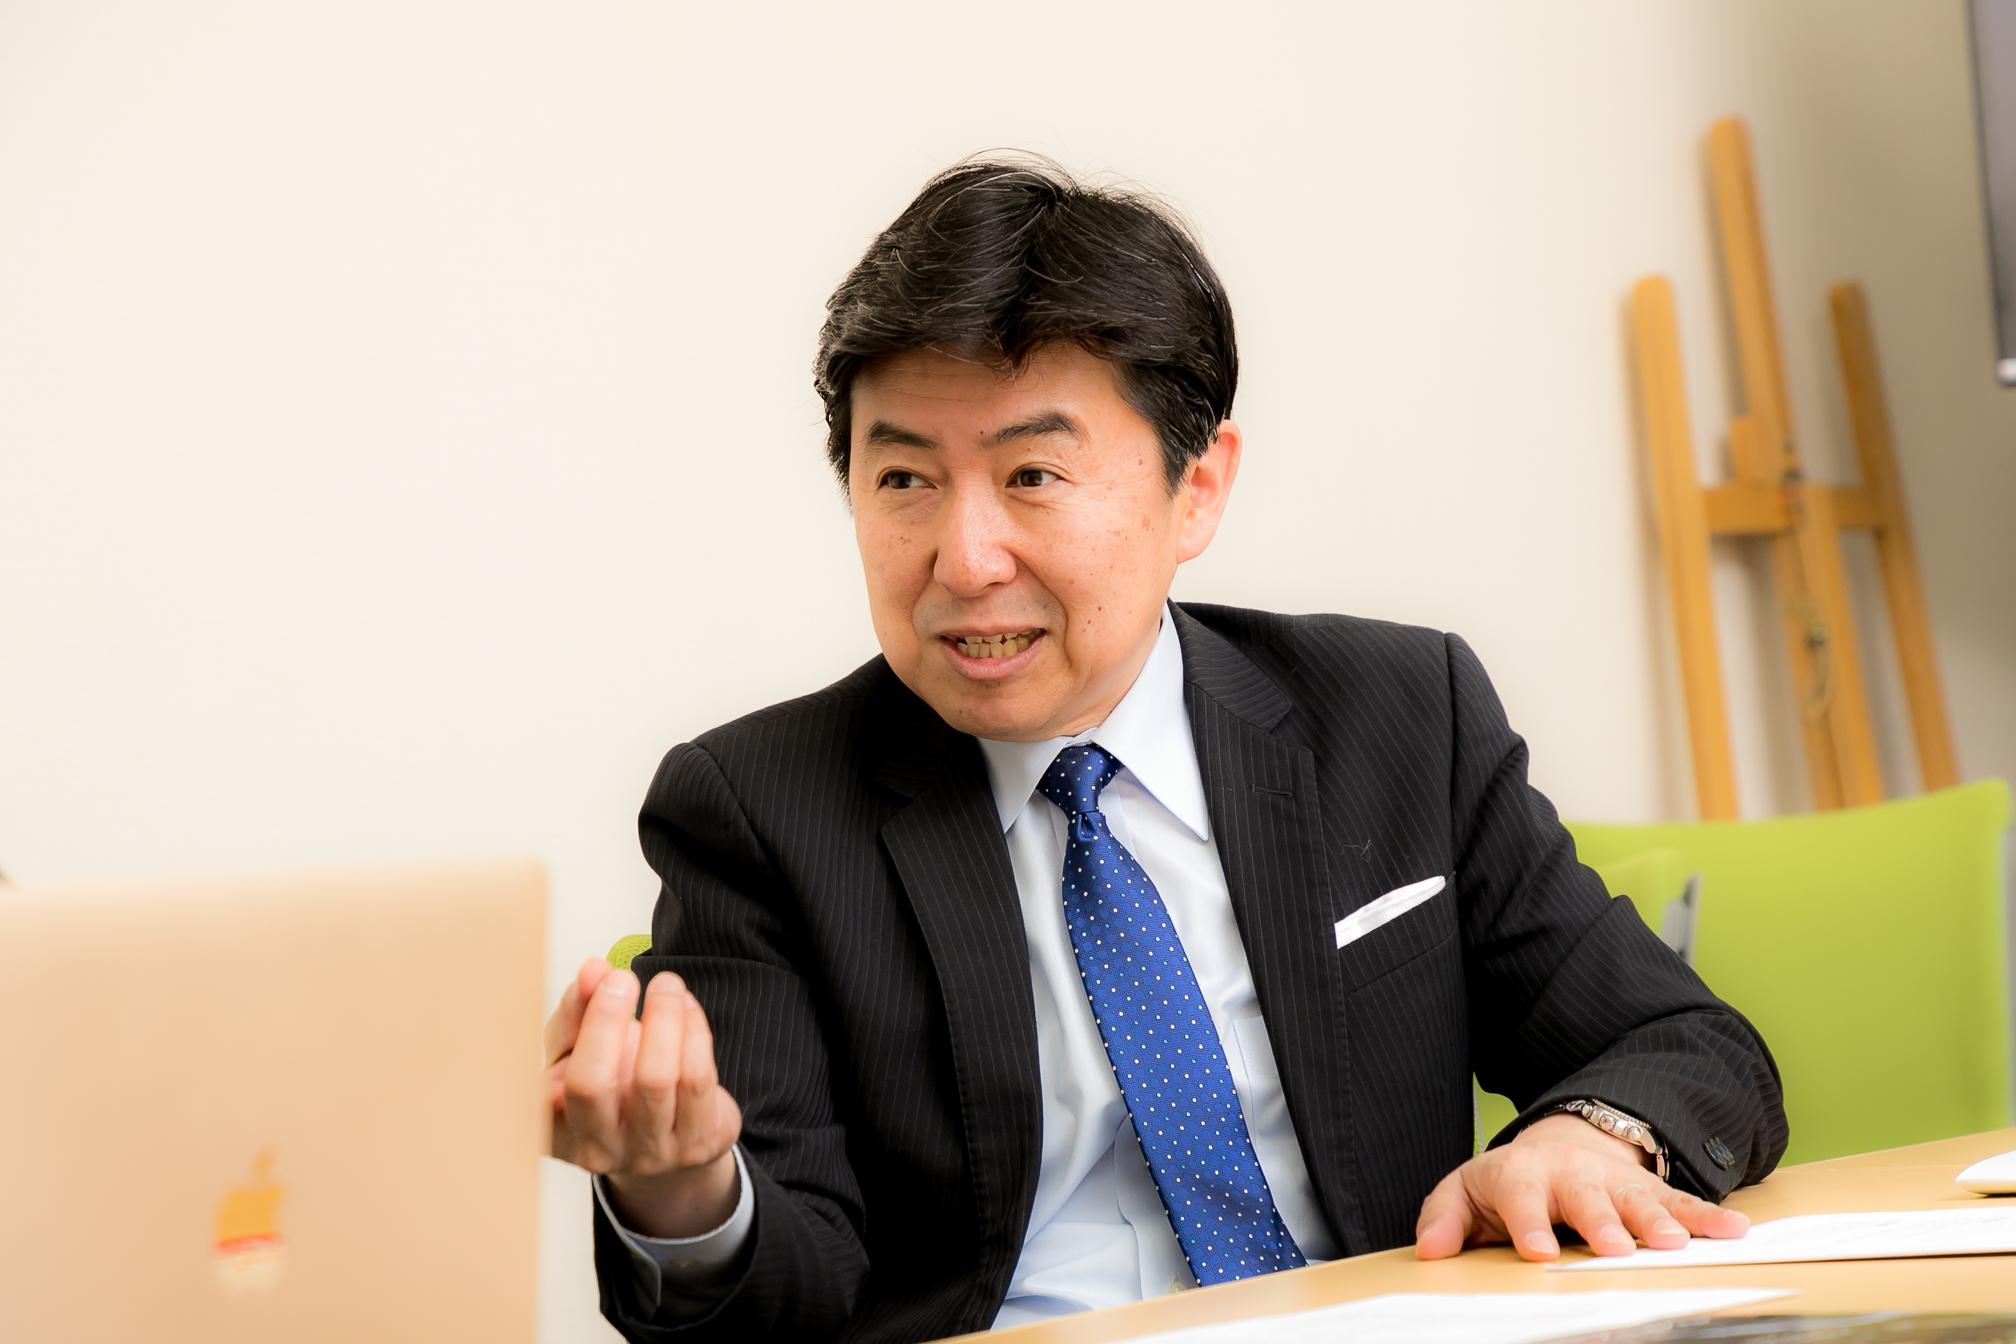 「今年は女性が強い年だと思ってます」笠井信輔アナウンサーがアカデミー賞の行方を大胆予想!